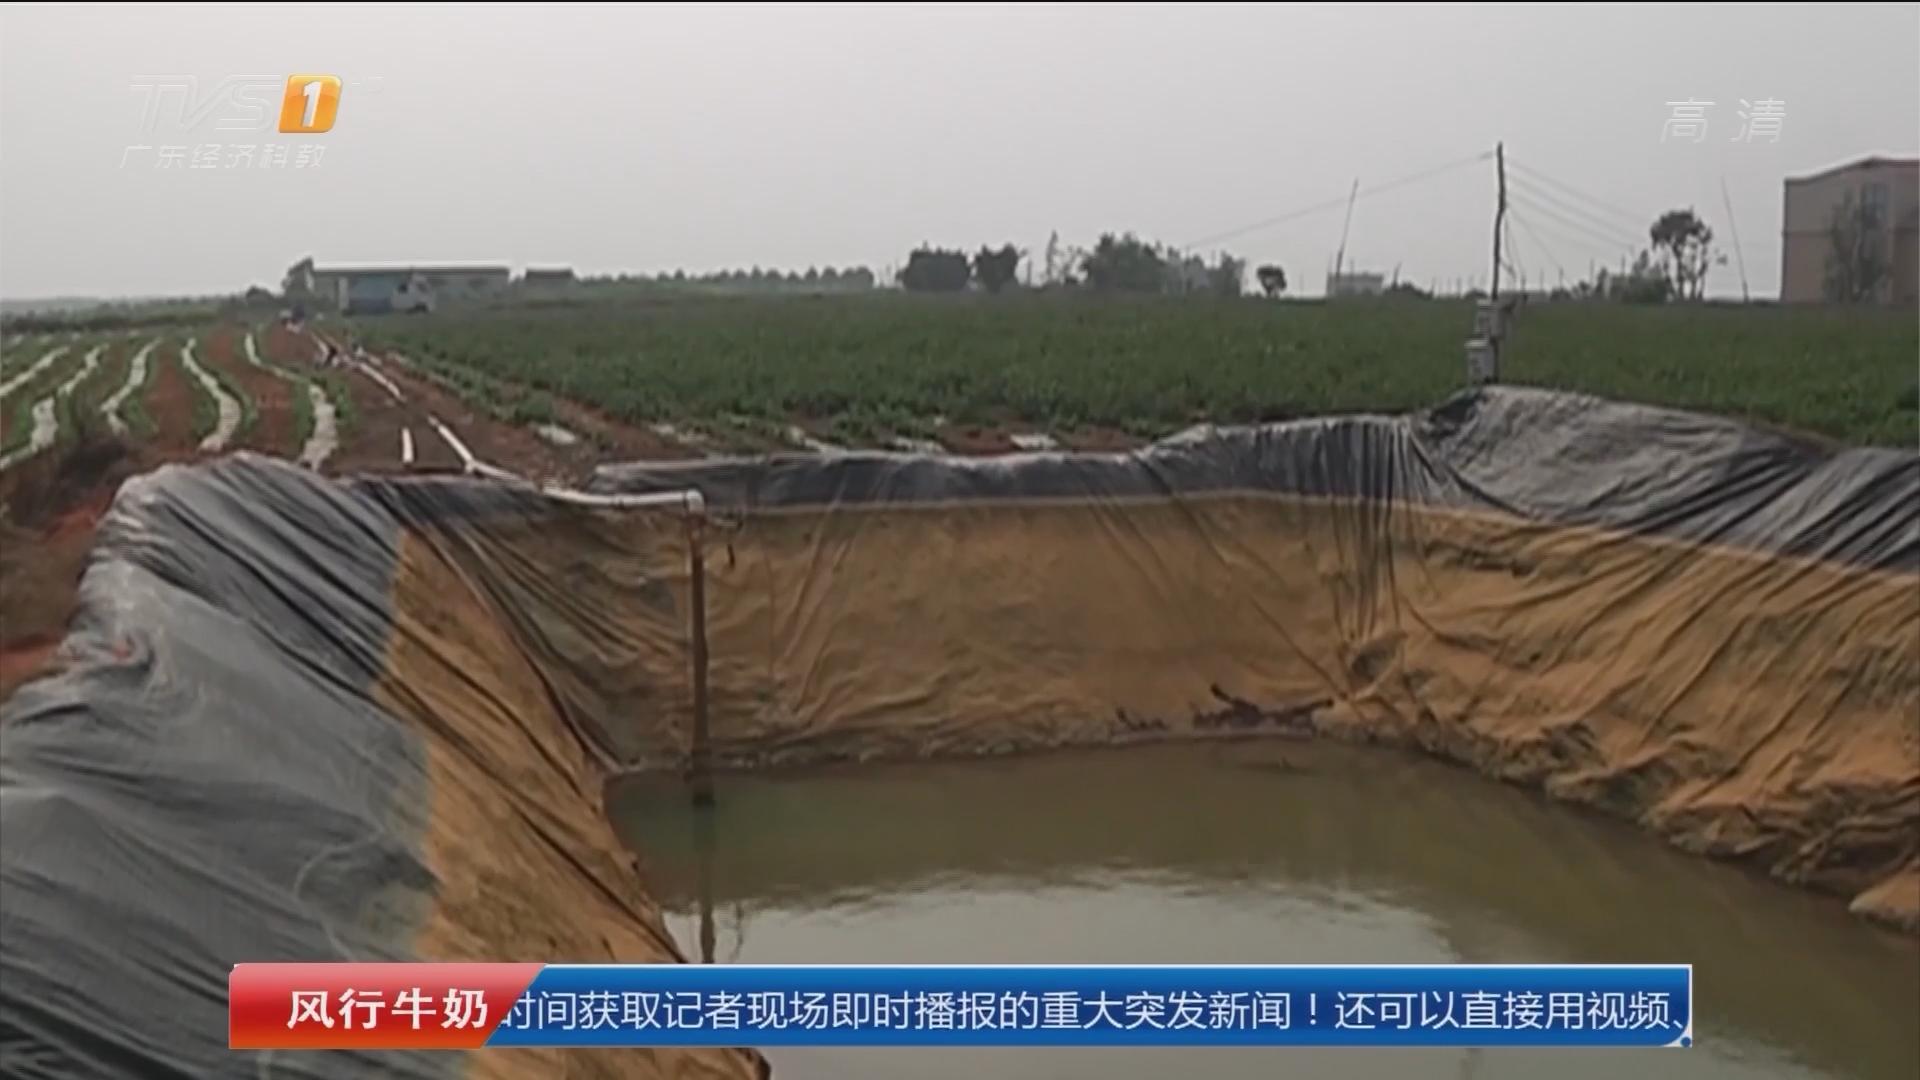 湛江:弟弟落水 哥哥姐姐相救掉进灌溉池